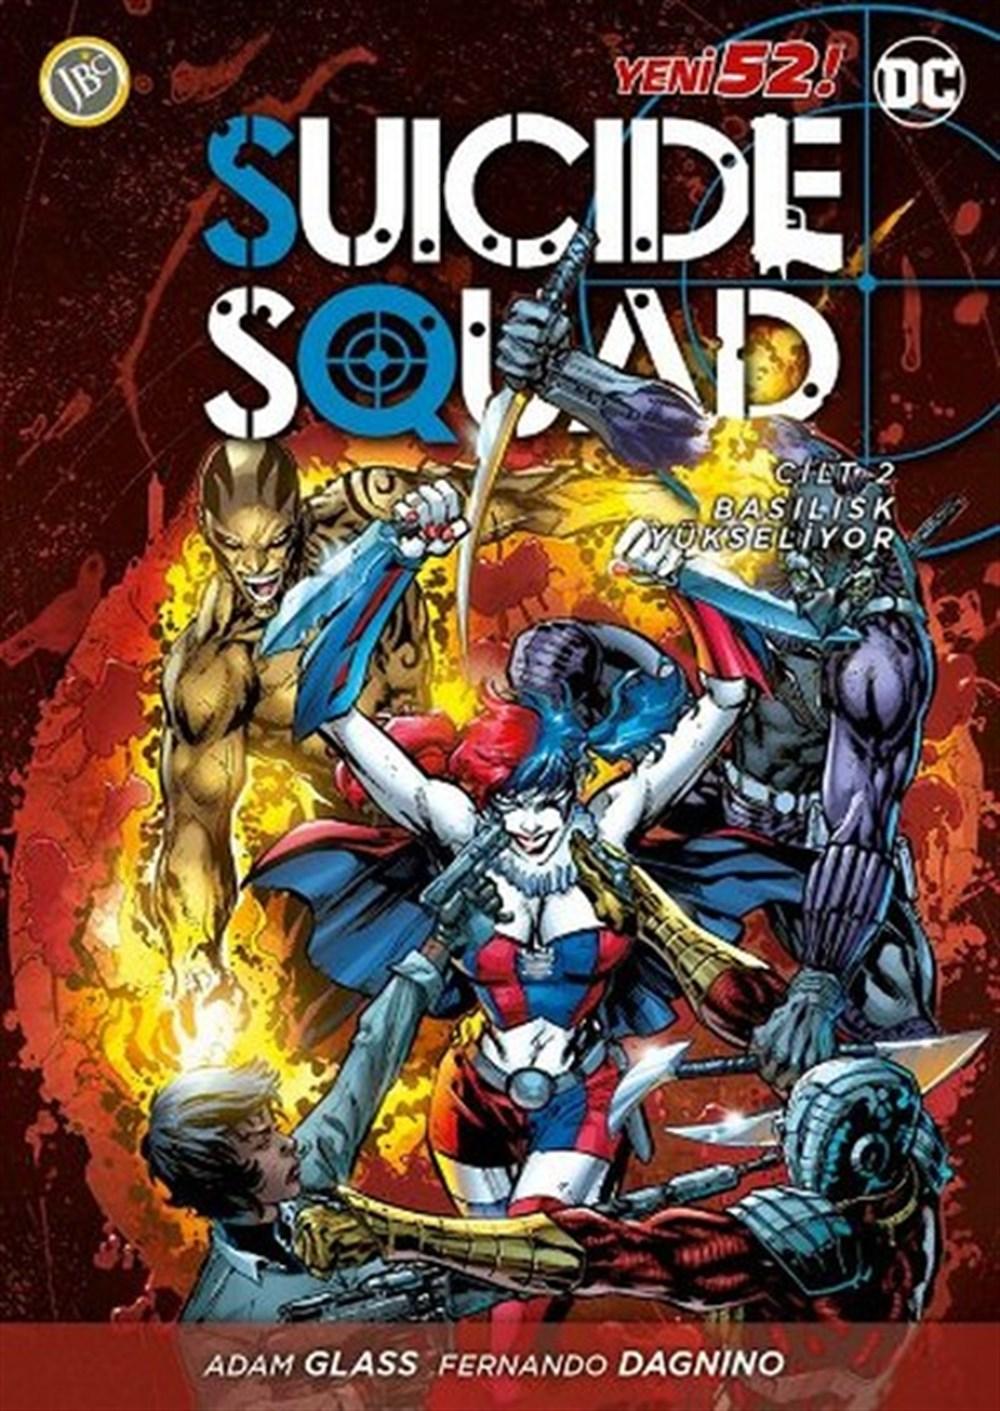 Suicide Squad Yeni 52 Cilt 2: Basilisk Yükseliyor